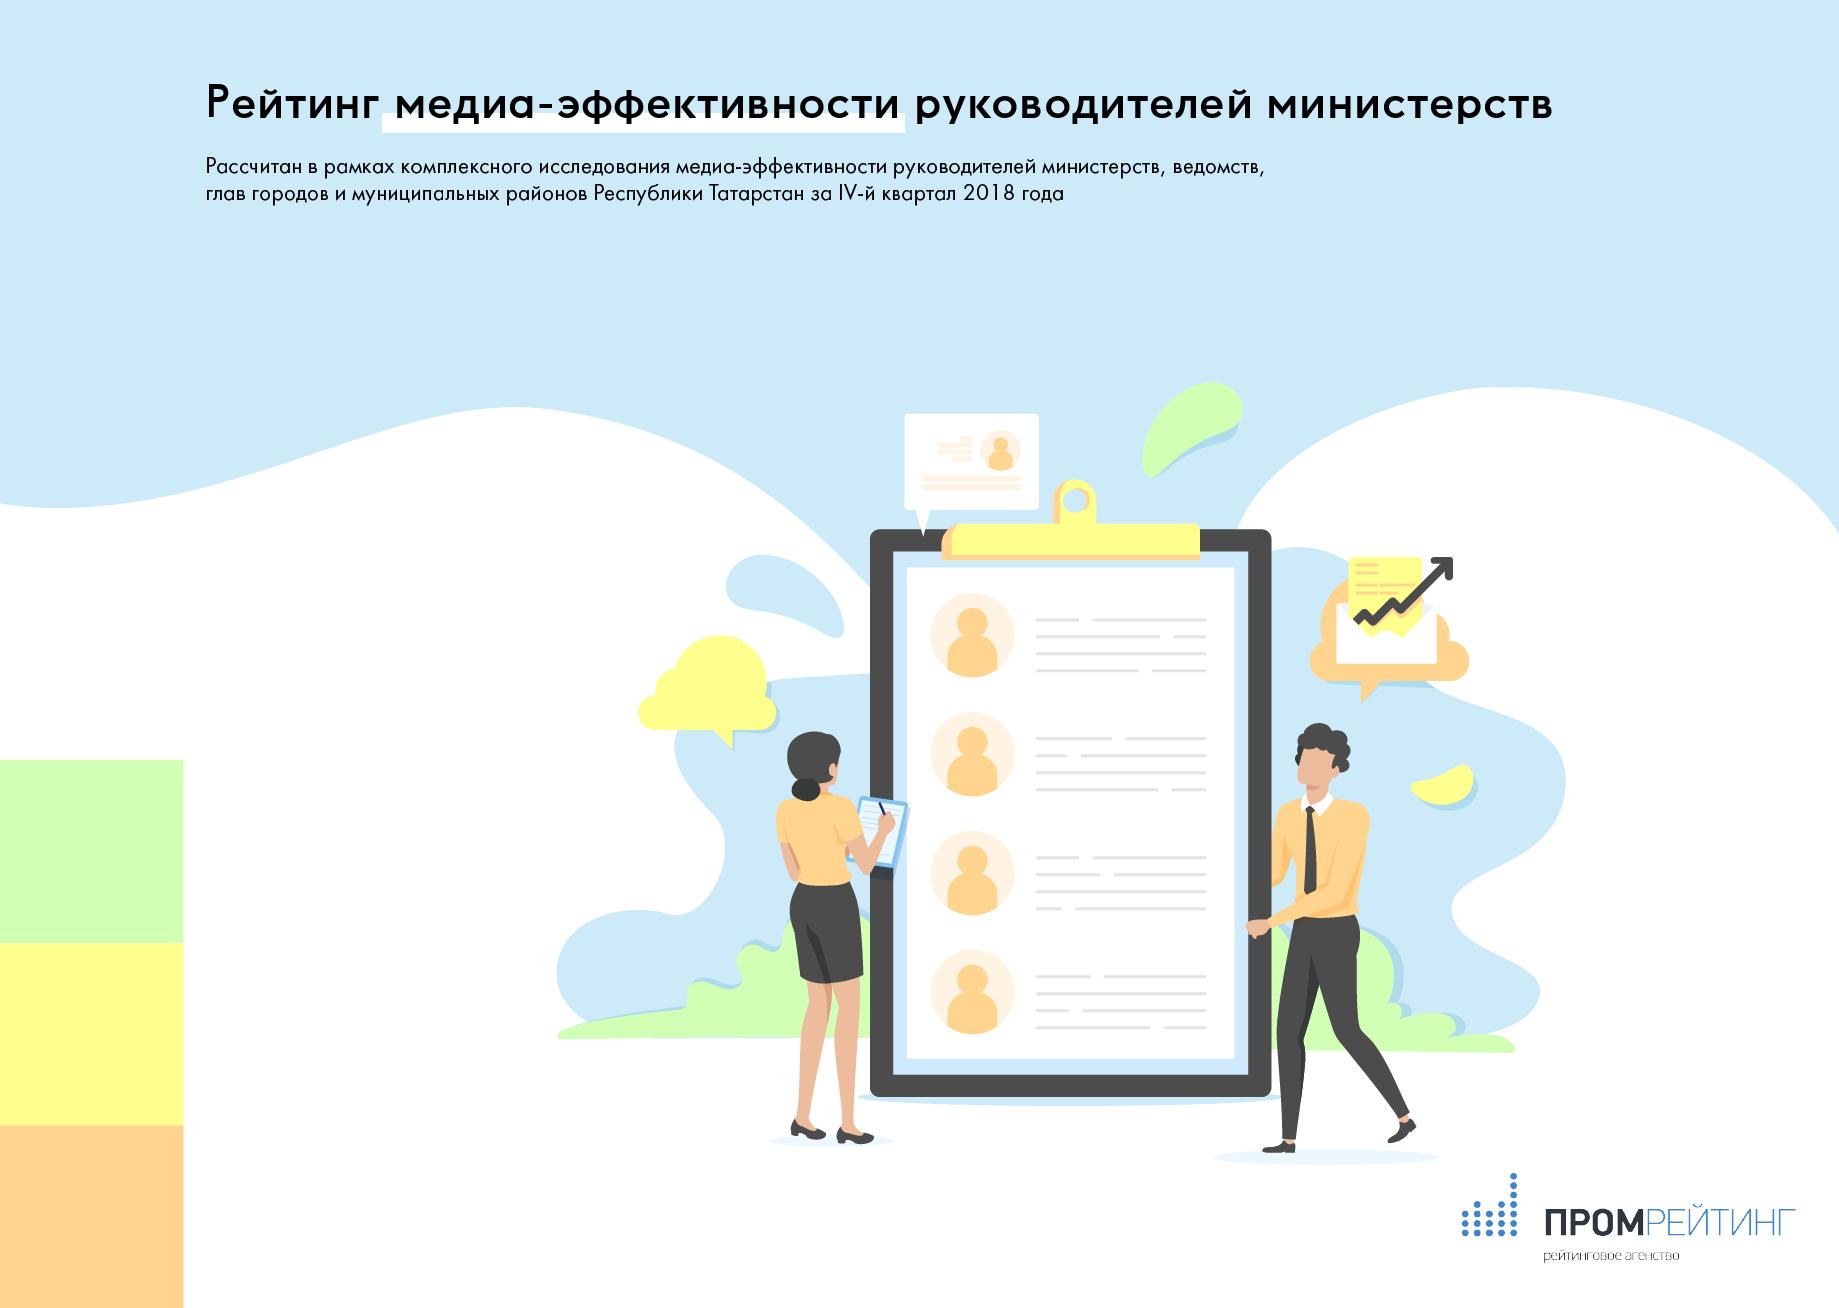 ЕЙТИНГ МЕДИА-ЭФФЕКТИВНОСТИ МИНИСТРОВ РТ